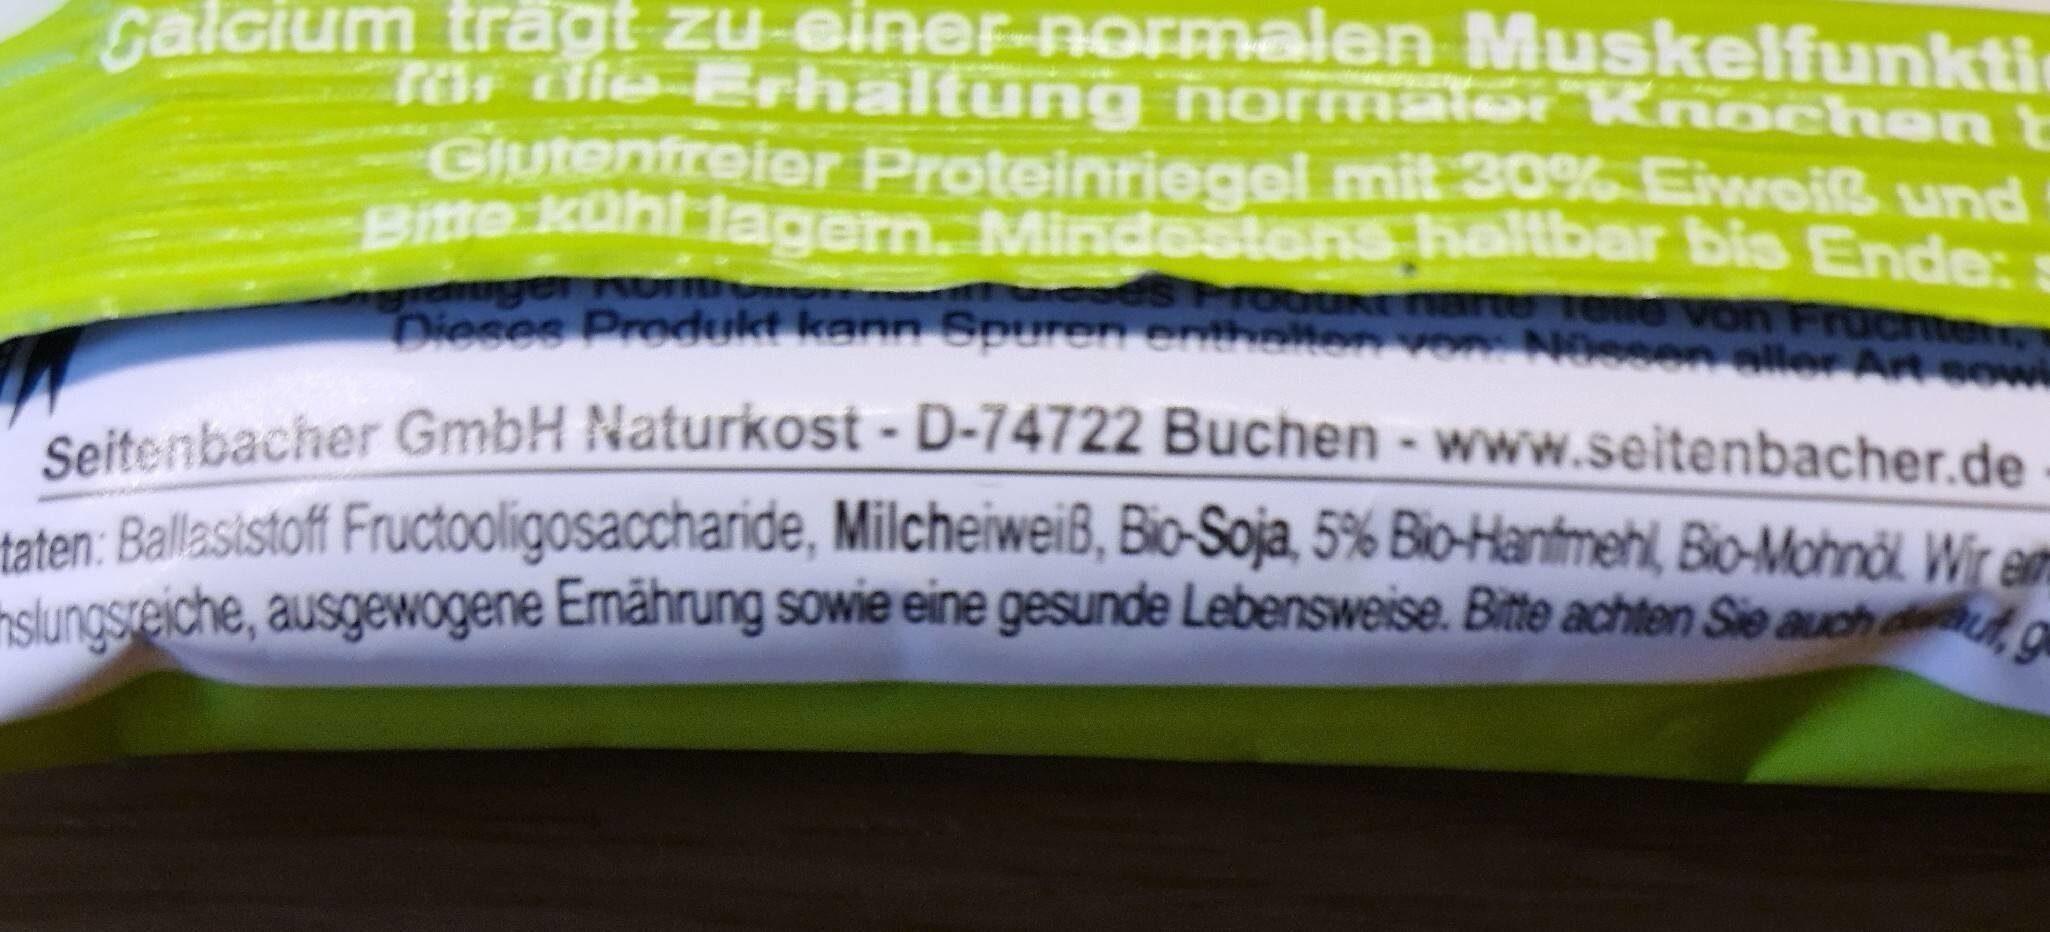 Seitenbacher Hanf-Riegel, CARBS 7.0 - Prodotto - en